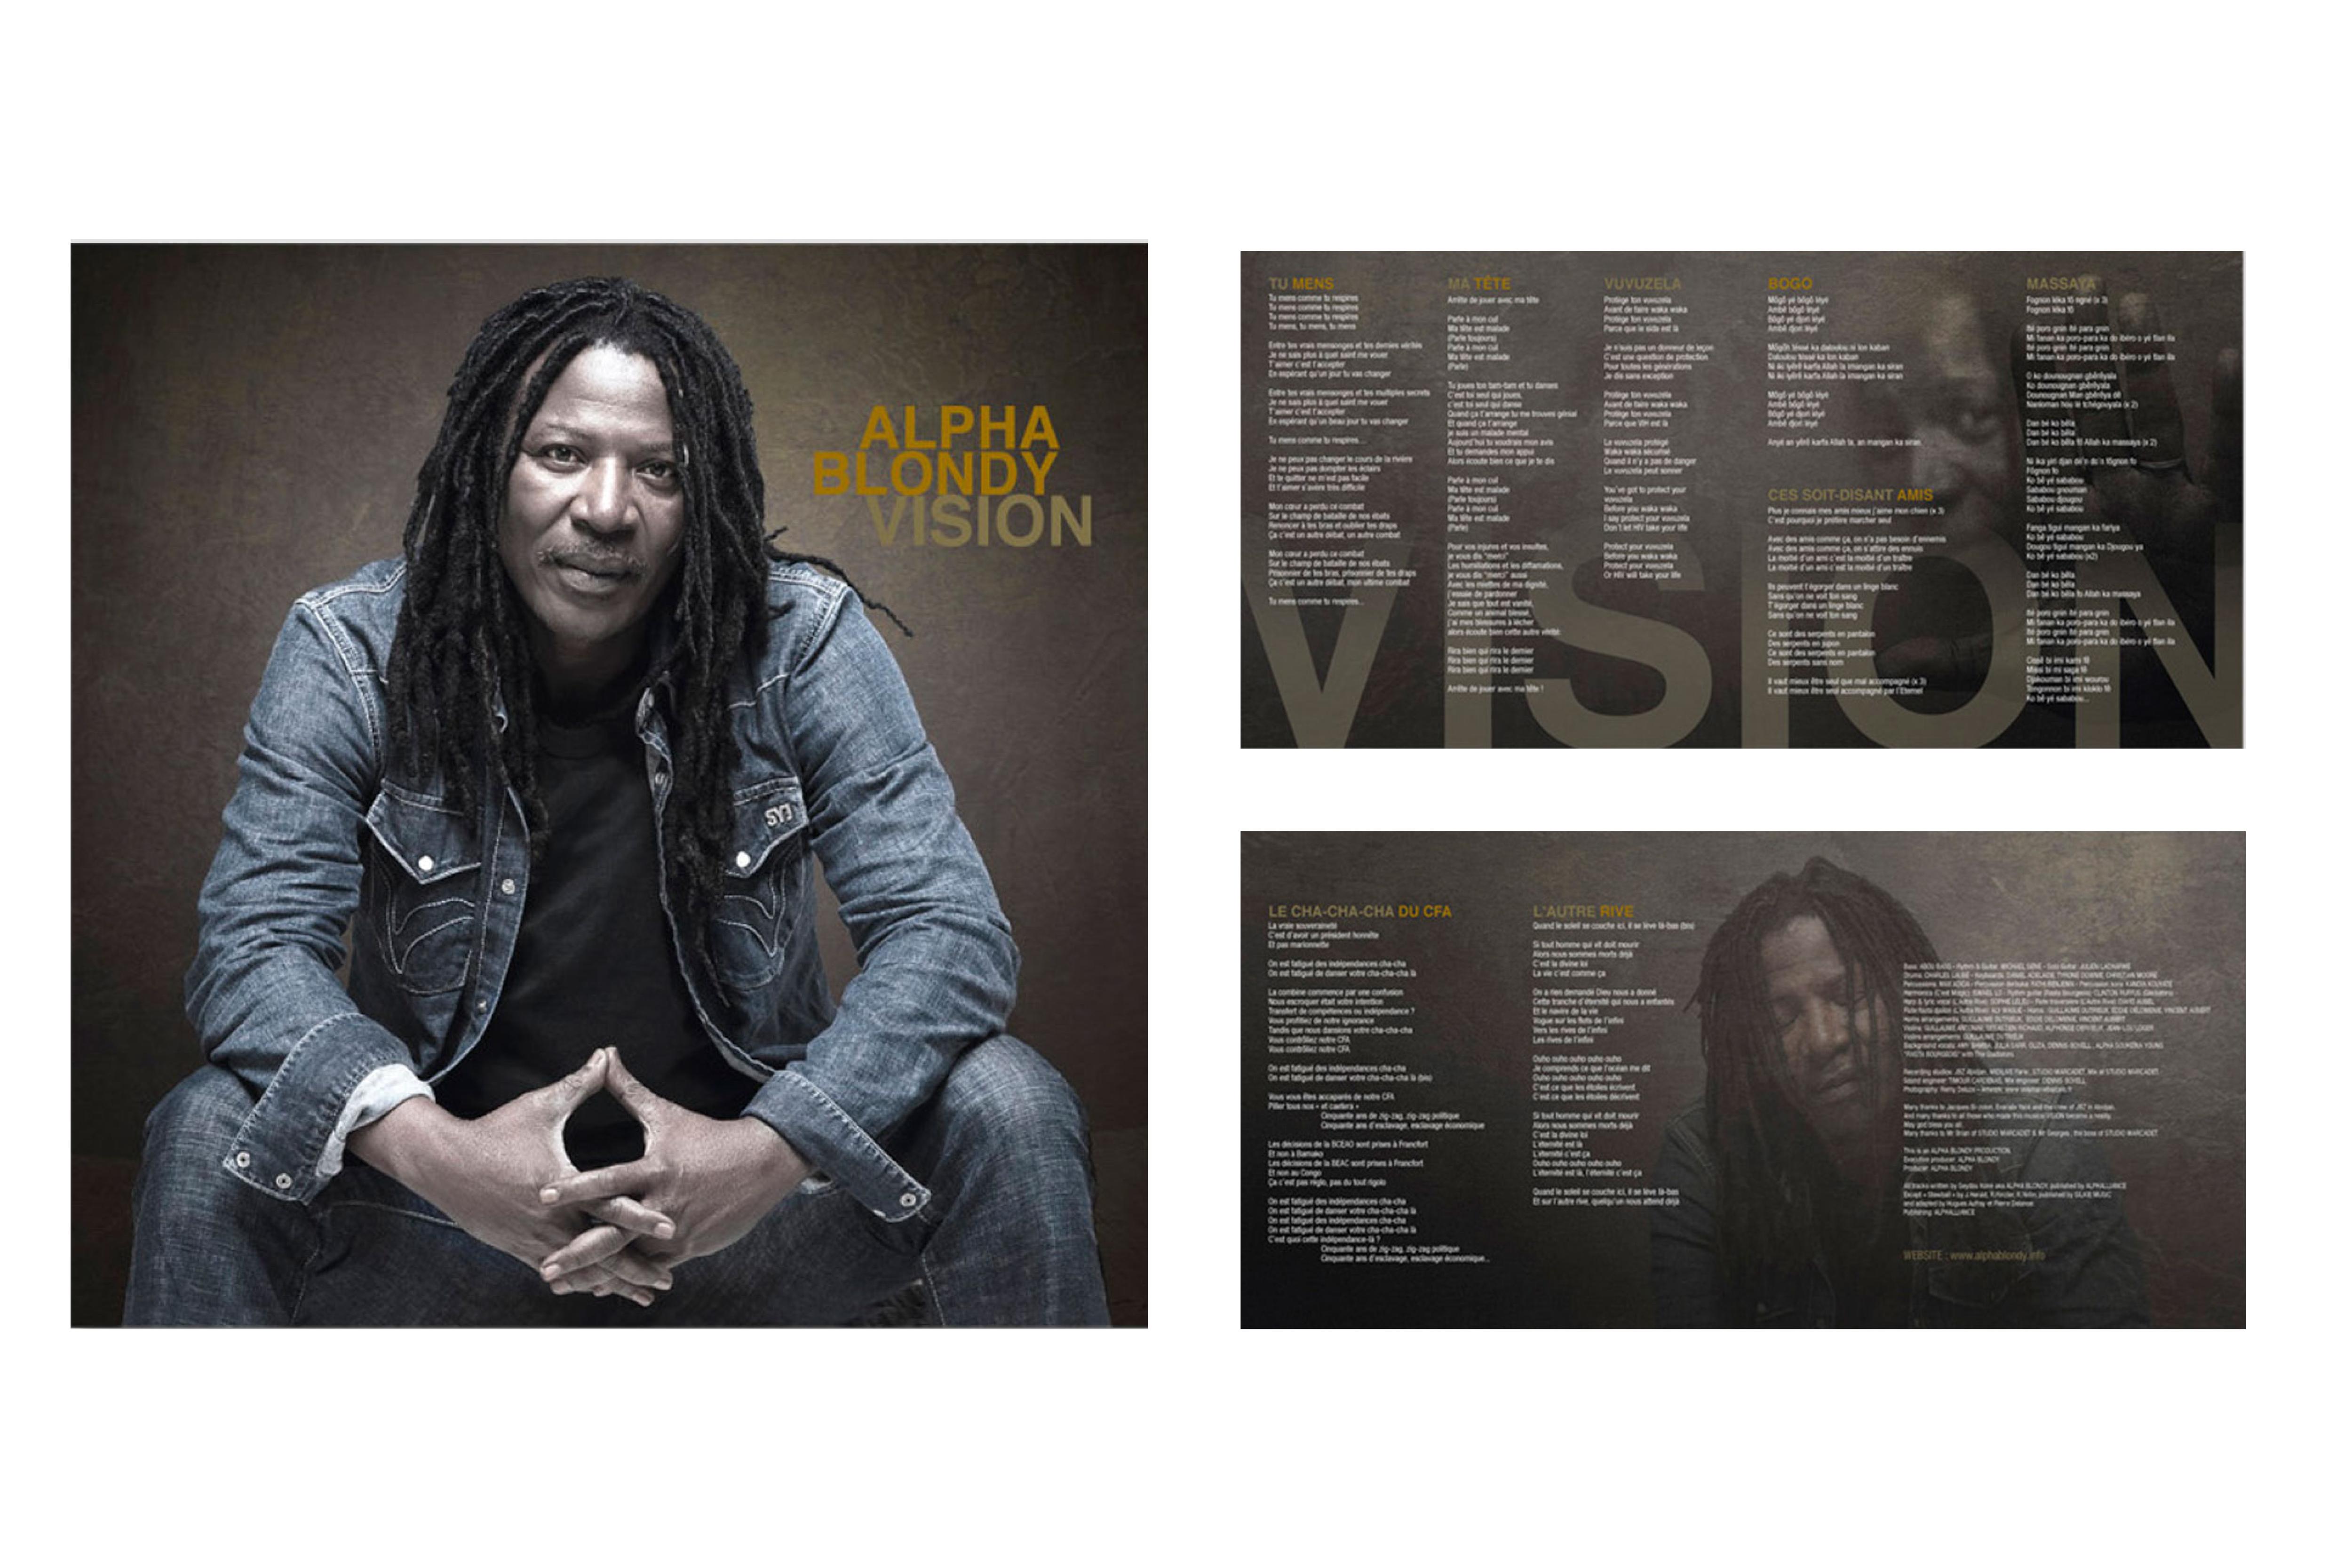 Création de la pochette et du livret pour  l'album Vision d'Alpha Blondy / Client : Wagram